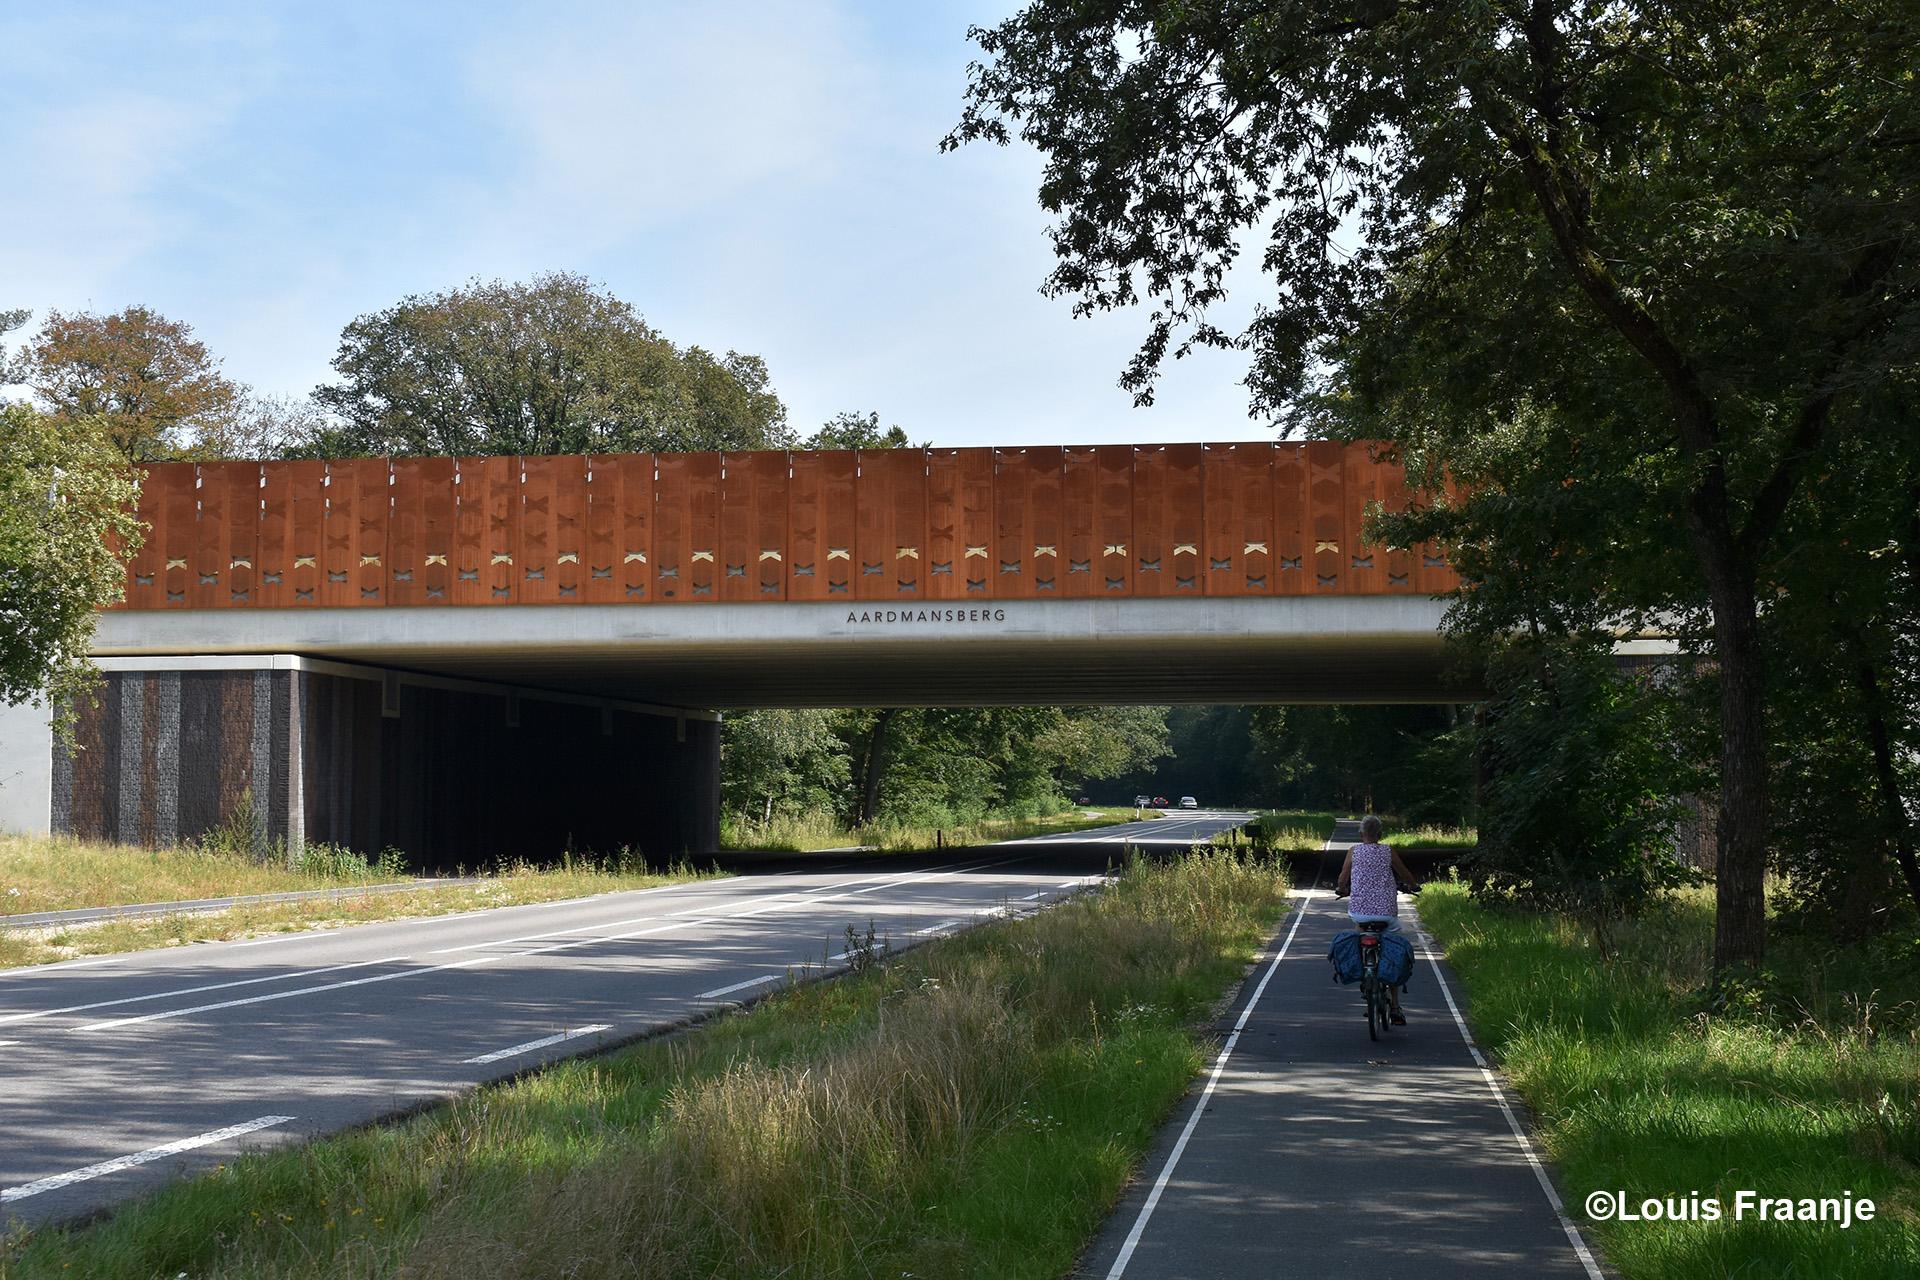 Het ecoduct Aardmansberg dat weer een extra verbinding voor de fauna is in het Kroondomein - Foto: ©Louis Fraanje